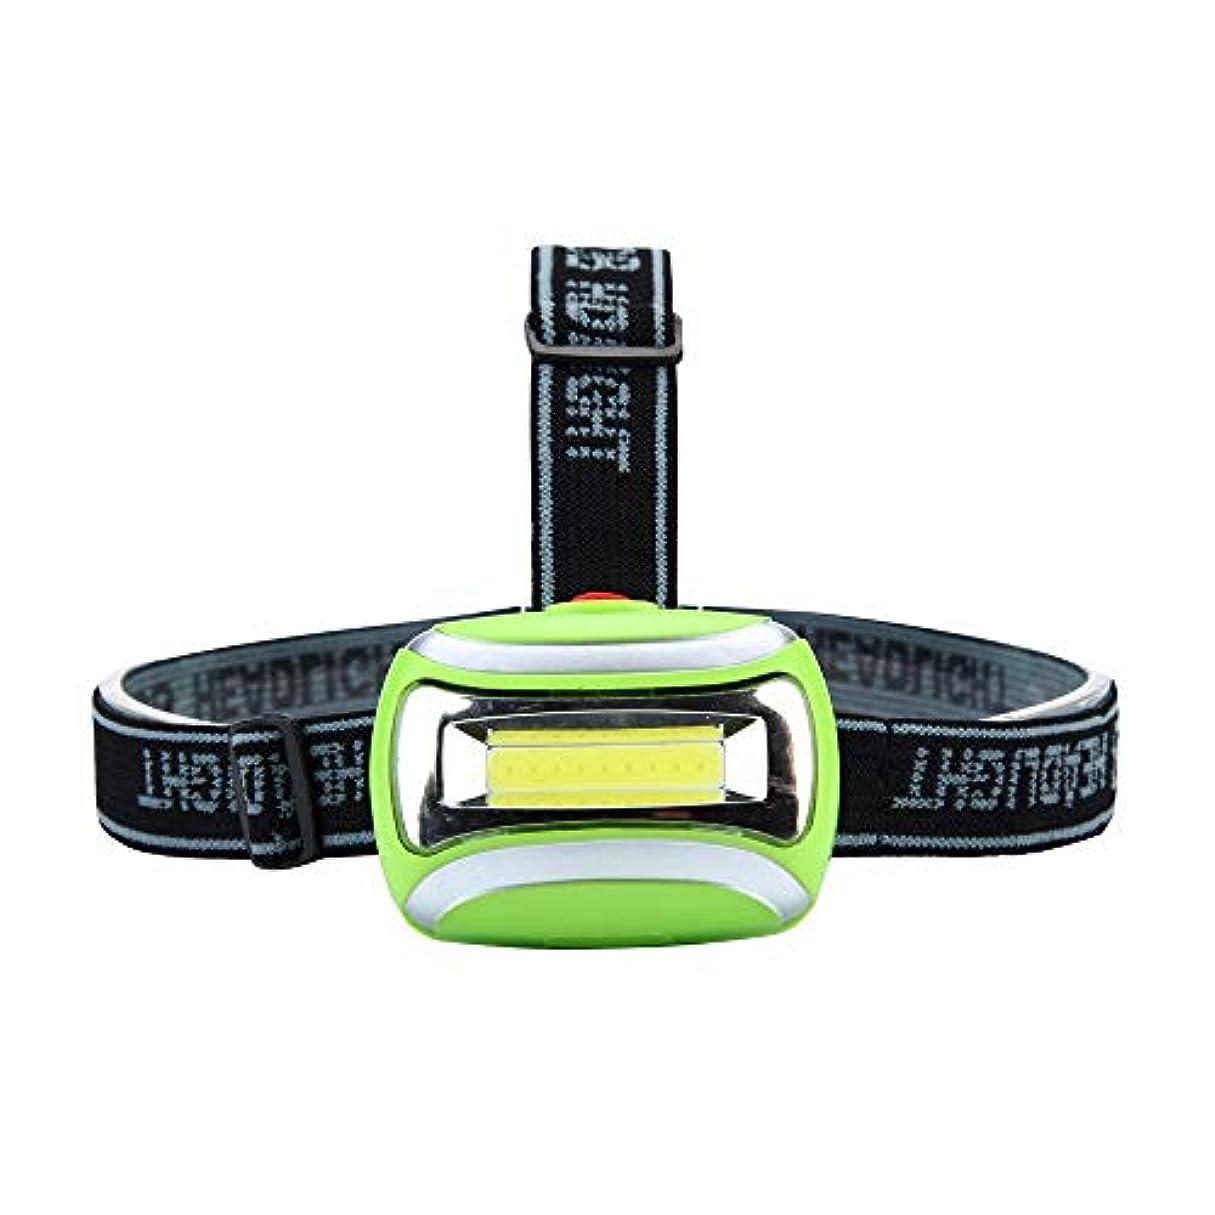 ミシン目寛容誰でもCOB ヘッドライト TangQI 小型 ヘッドランプ 自転車ライト ハンディ 3W 600ルーメン 単四電池対応 角度調整可能 高輝度 強力 釣り 明るい 停電時用 防災 キャンプ ハイキング サイクリング 防災 登山 夜釣り 夜間走行 ウォーキング スポーツ 野外活動 自転車 作業に適用